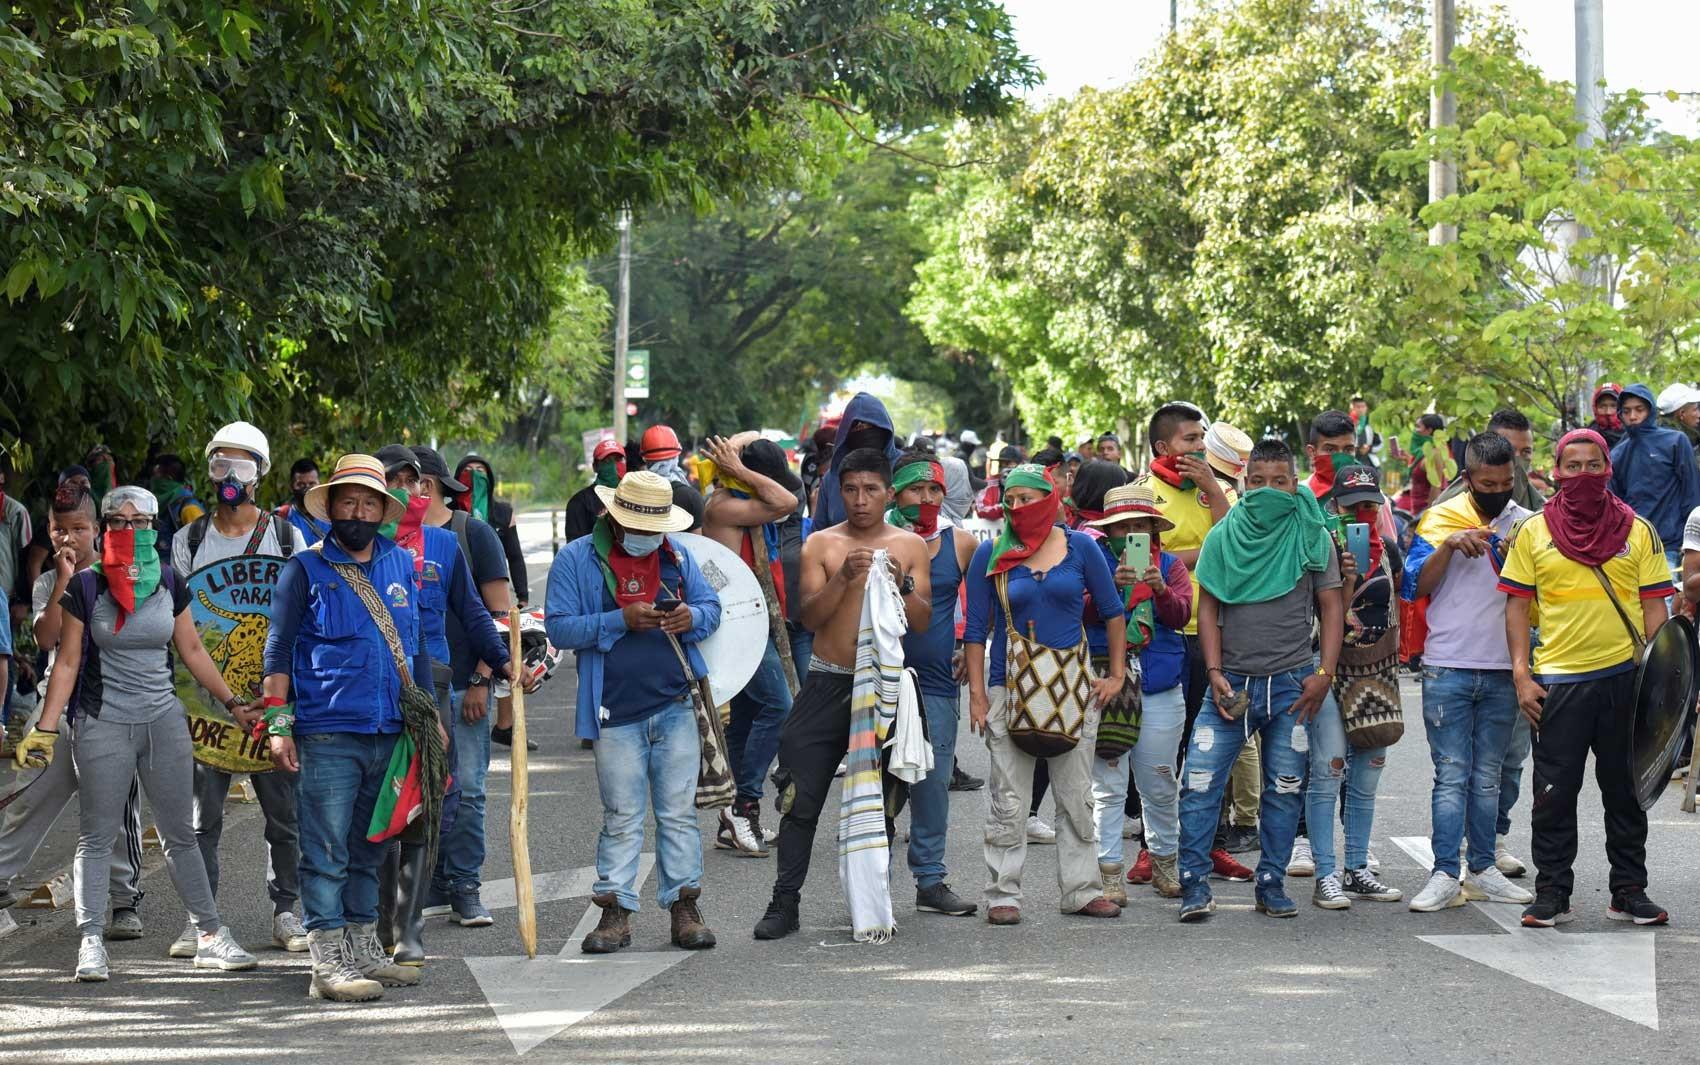 Presidente da Colômbia envia reforços a Cali após novos confrontos na região